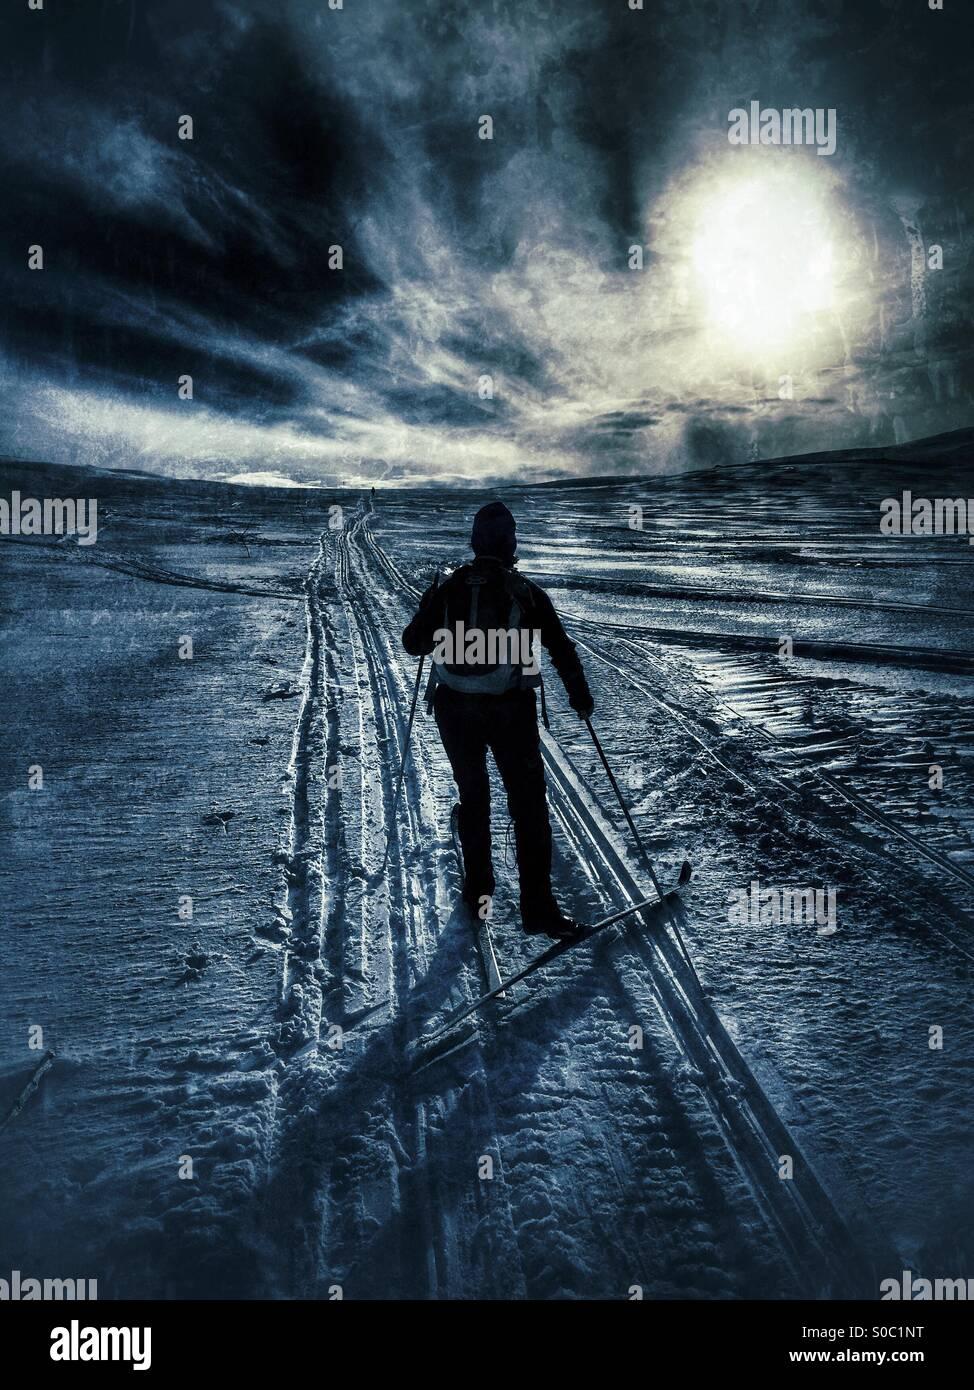 Skieur nordique chassant le soleil sous un ciel dramatique. Photo Stock